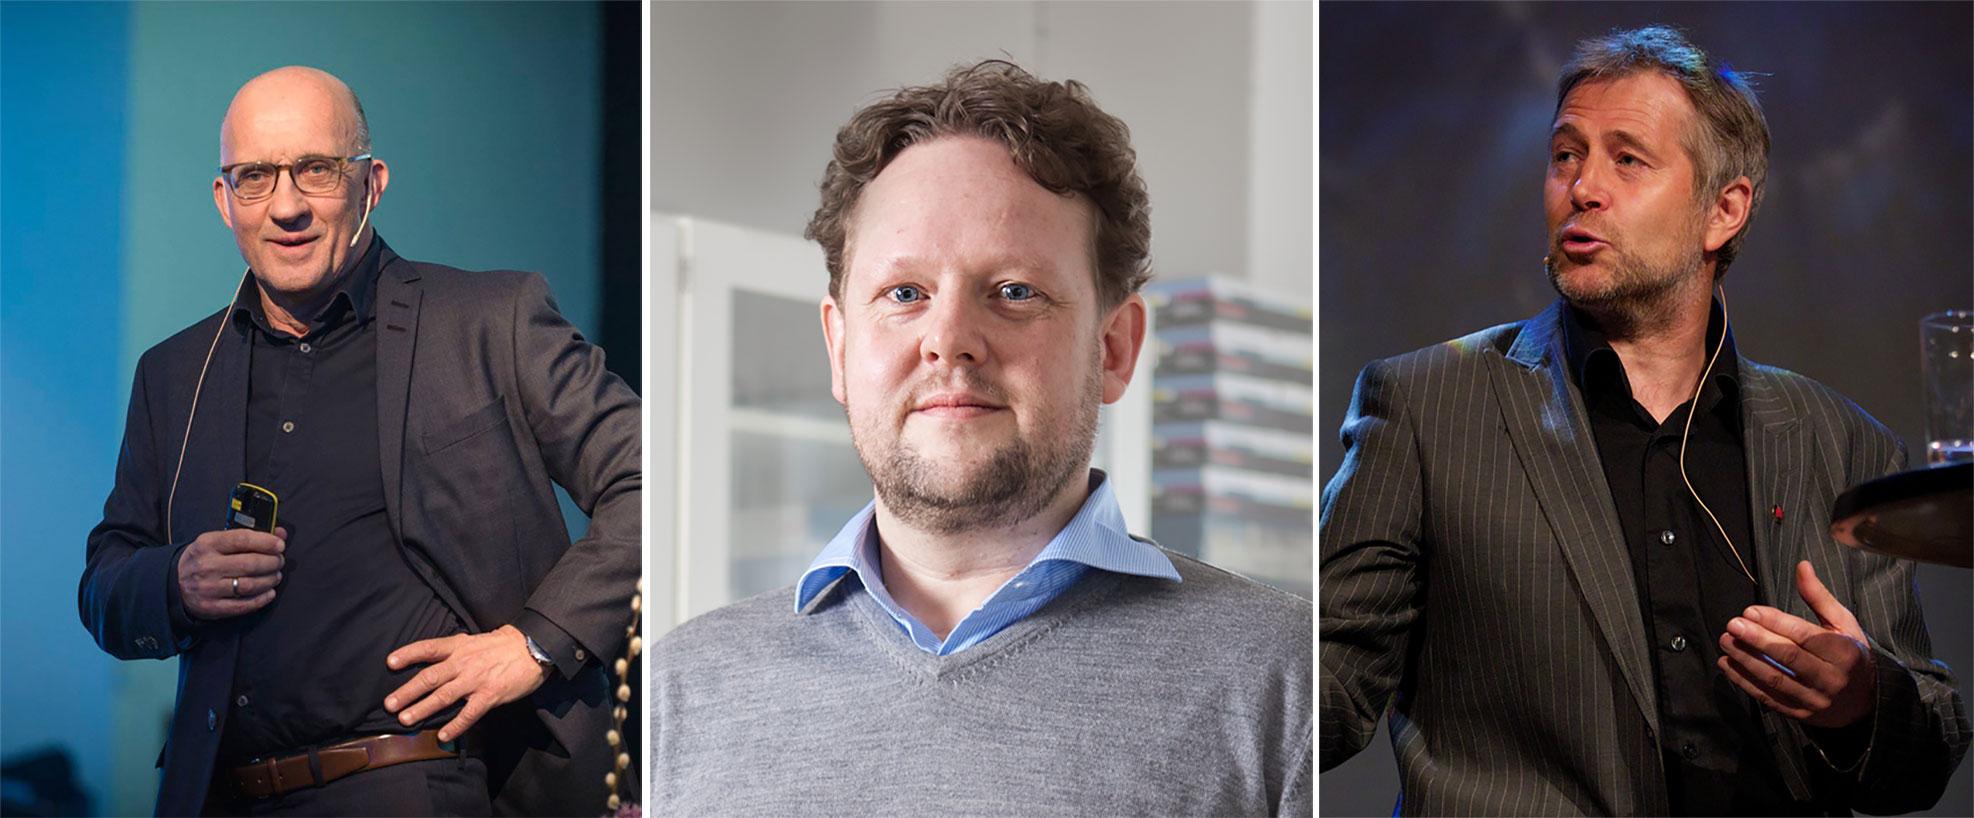 Trond Haukedal, Pål Molander og Arne Johannessen kjem alle på Vårseminaret i Norheimsund 4. april.